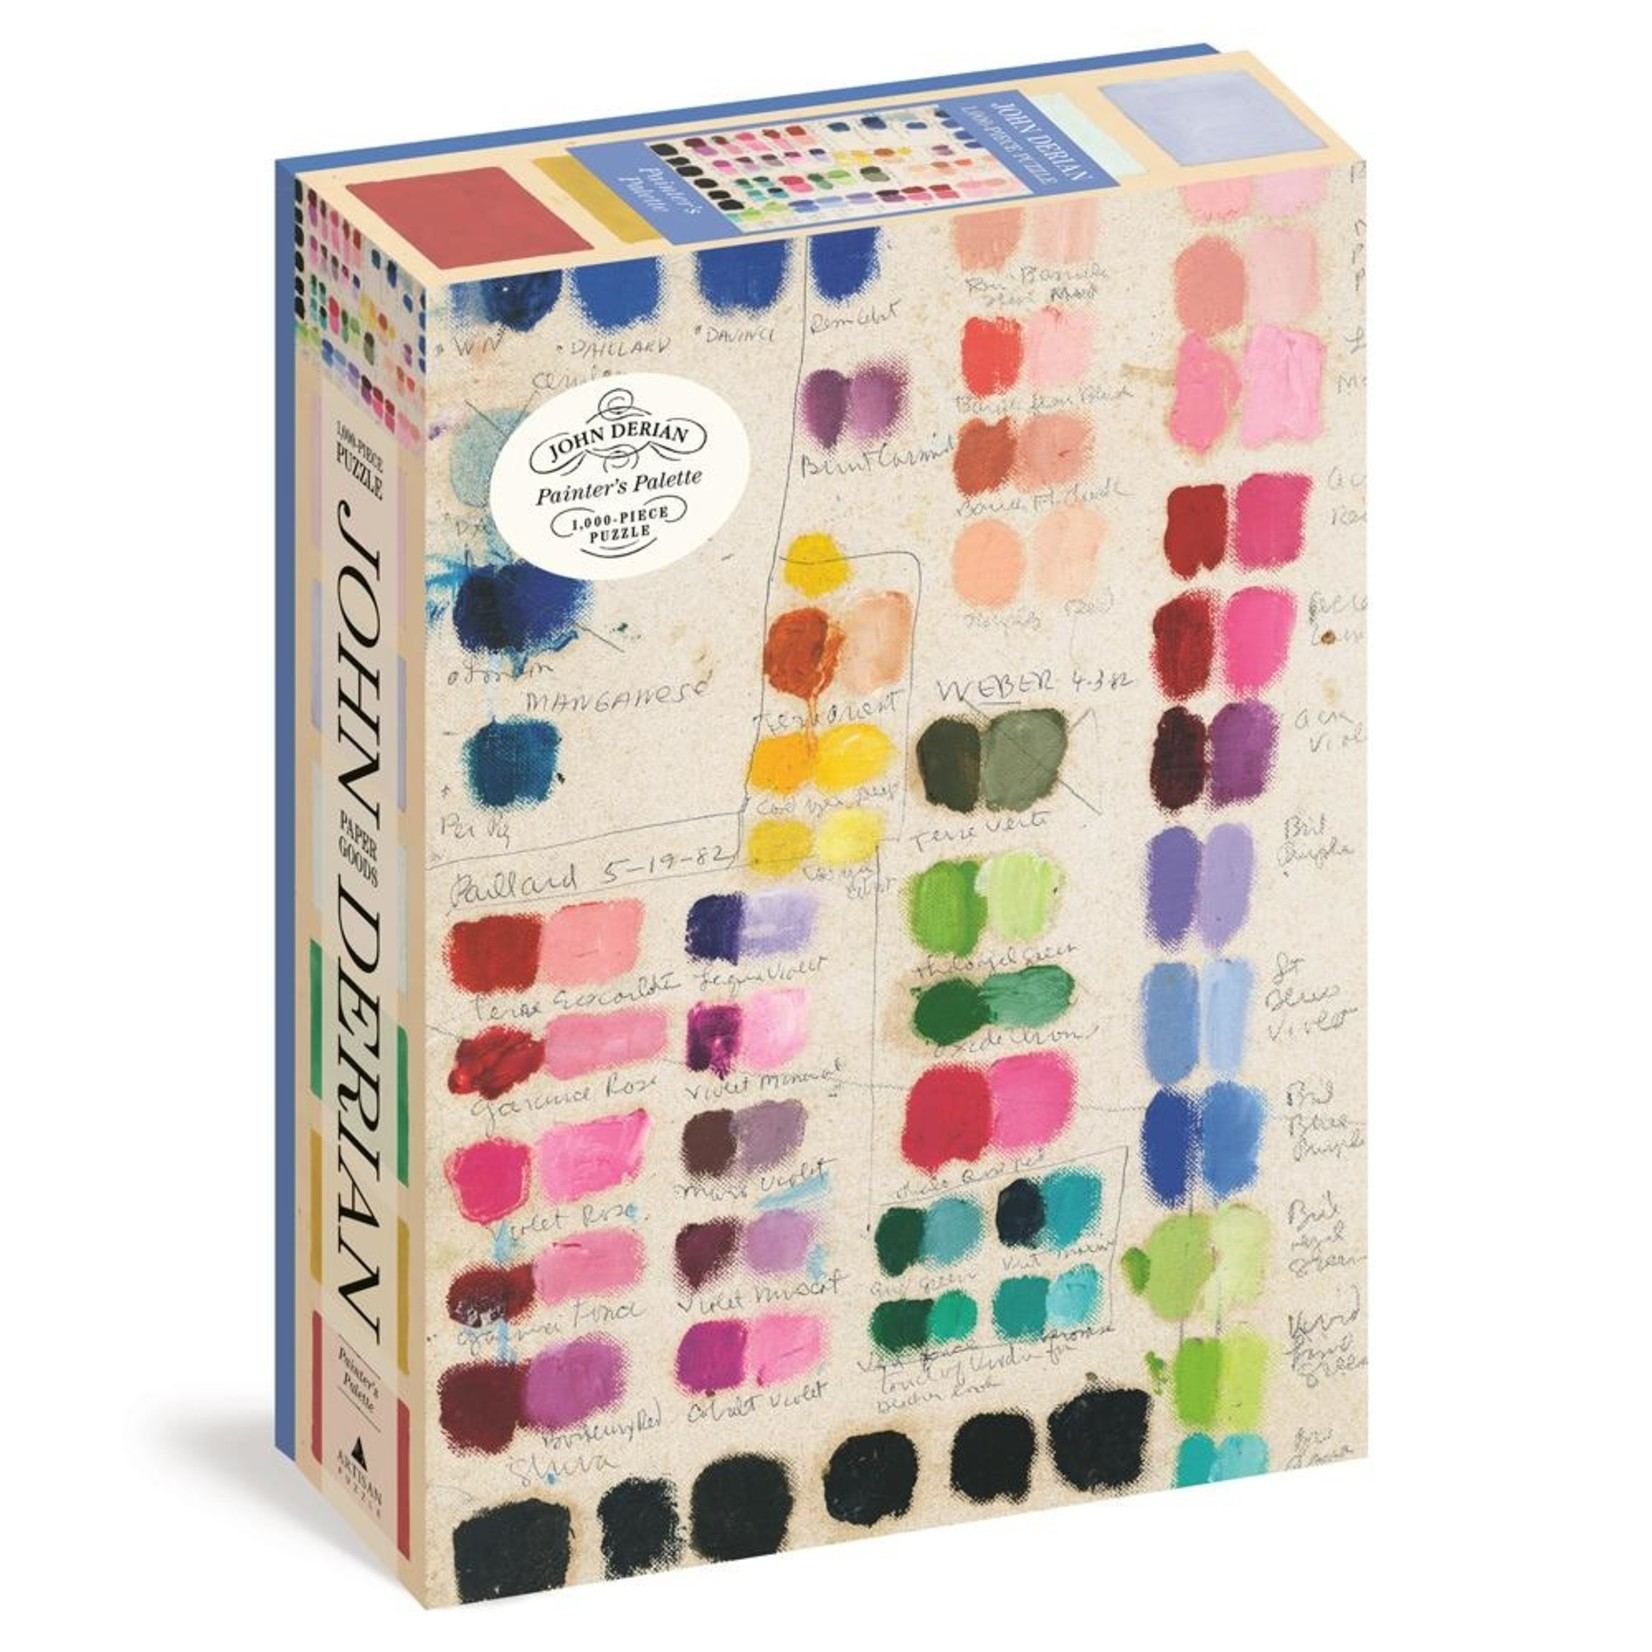 John Derian Puzzle — Painter's Palette